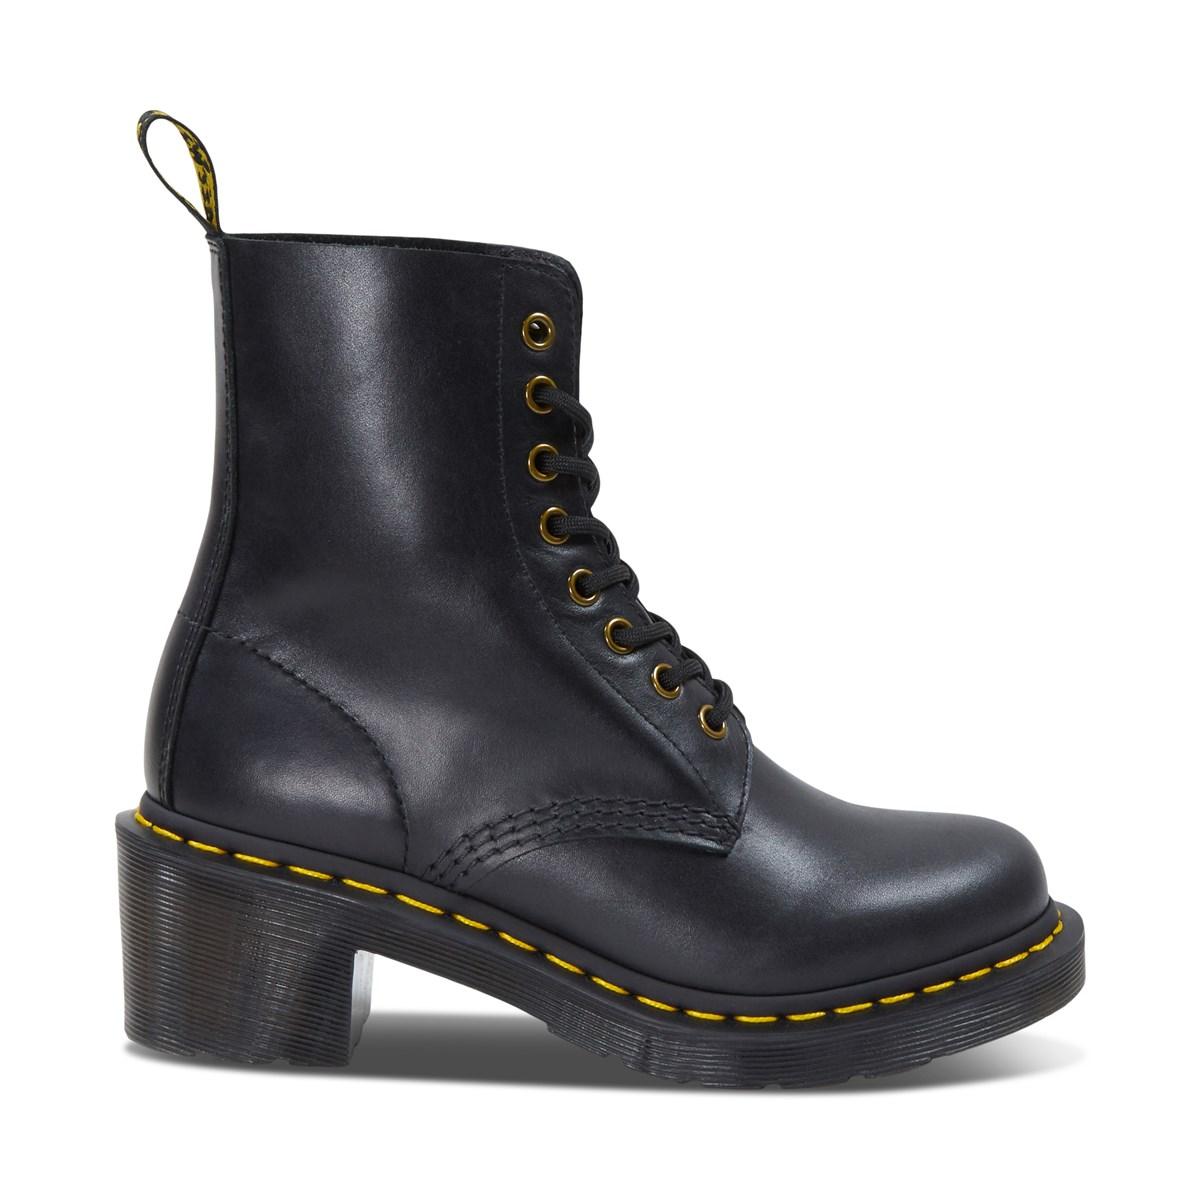 Women's Clemency Wanama Heeled Boots in Black